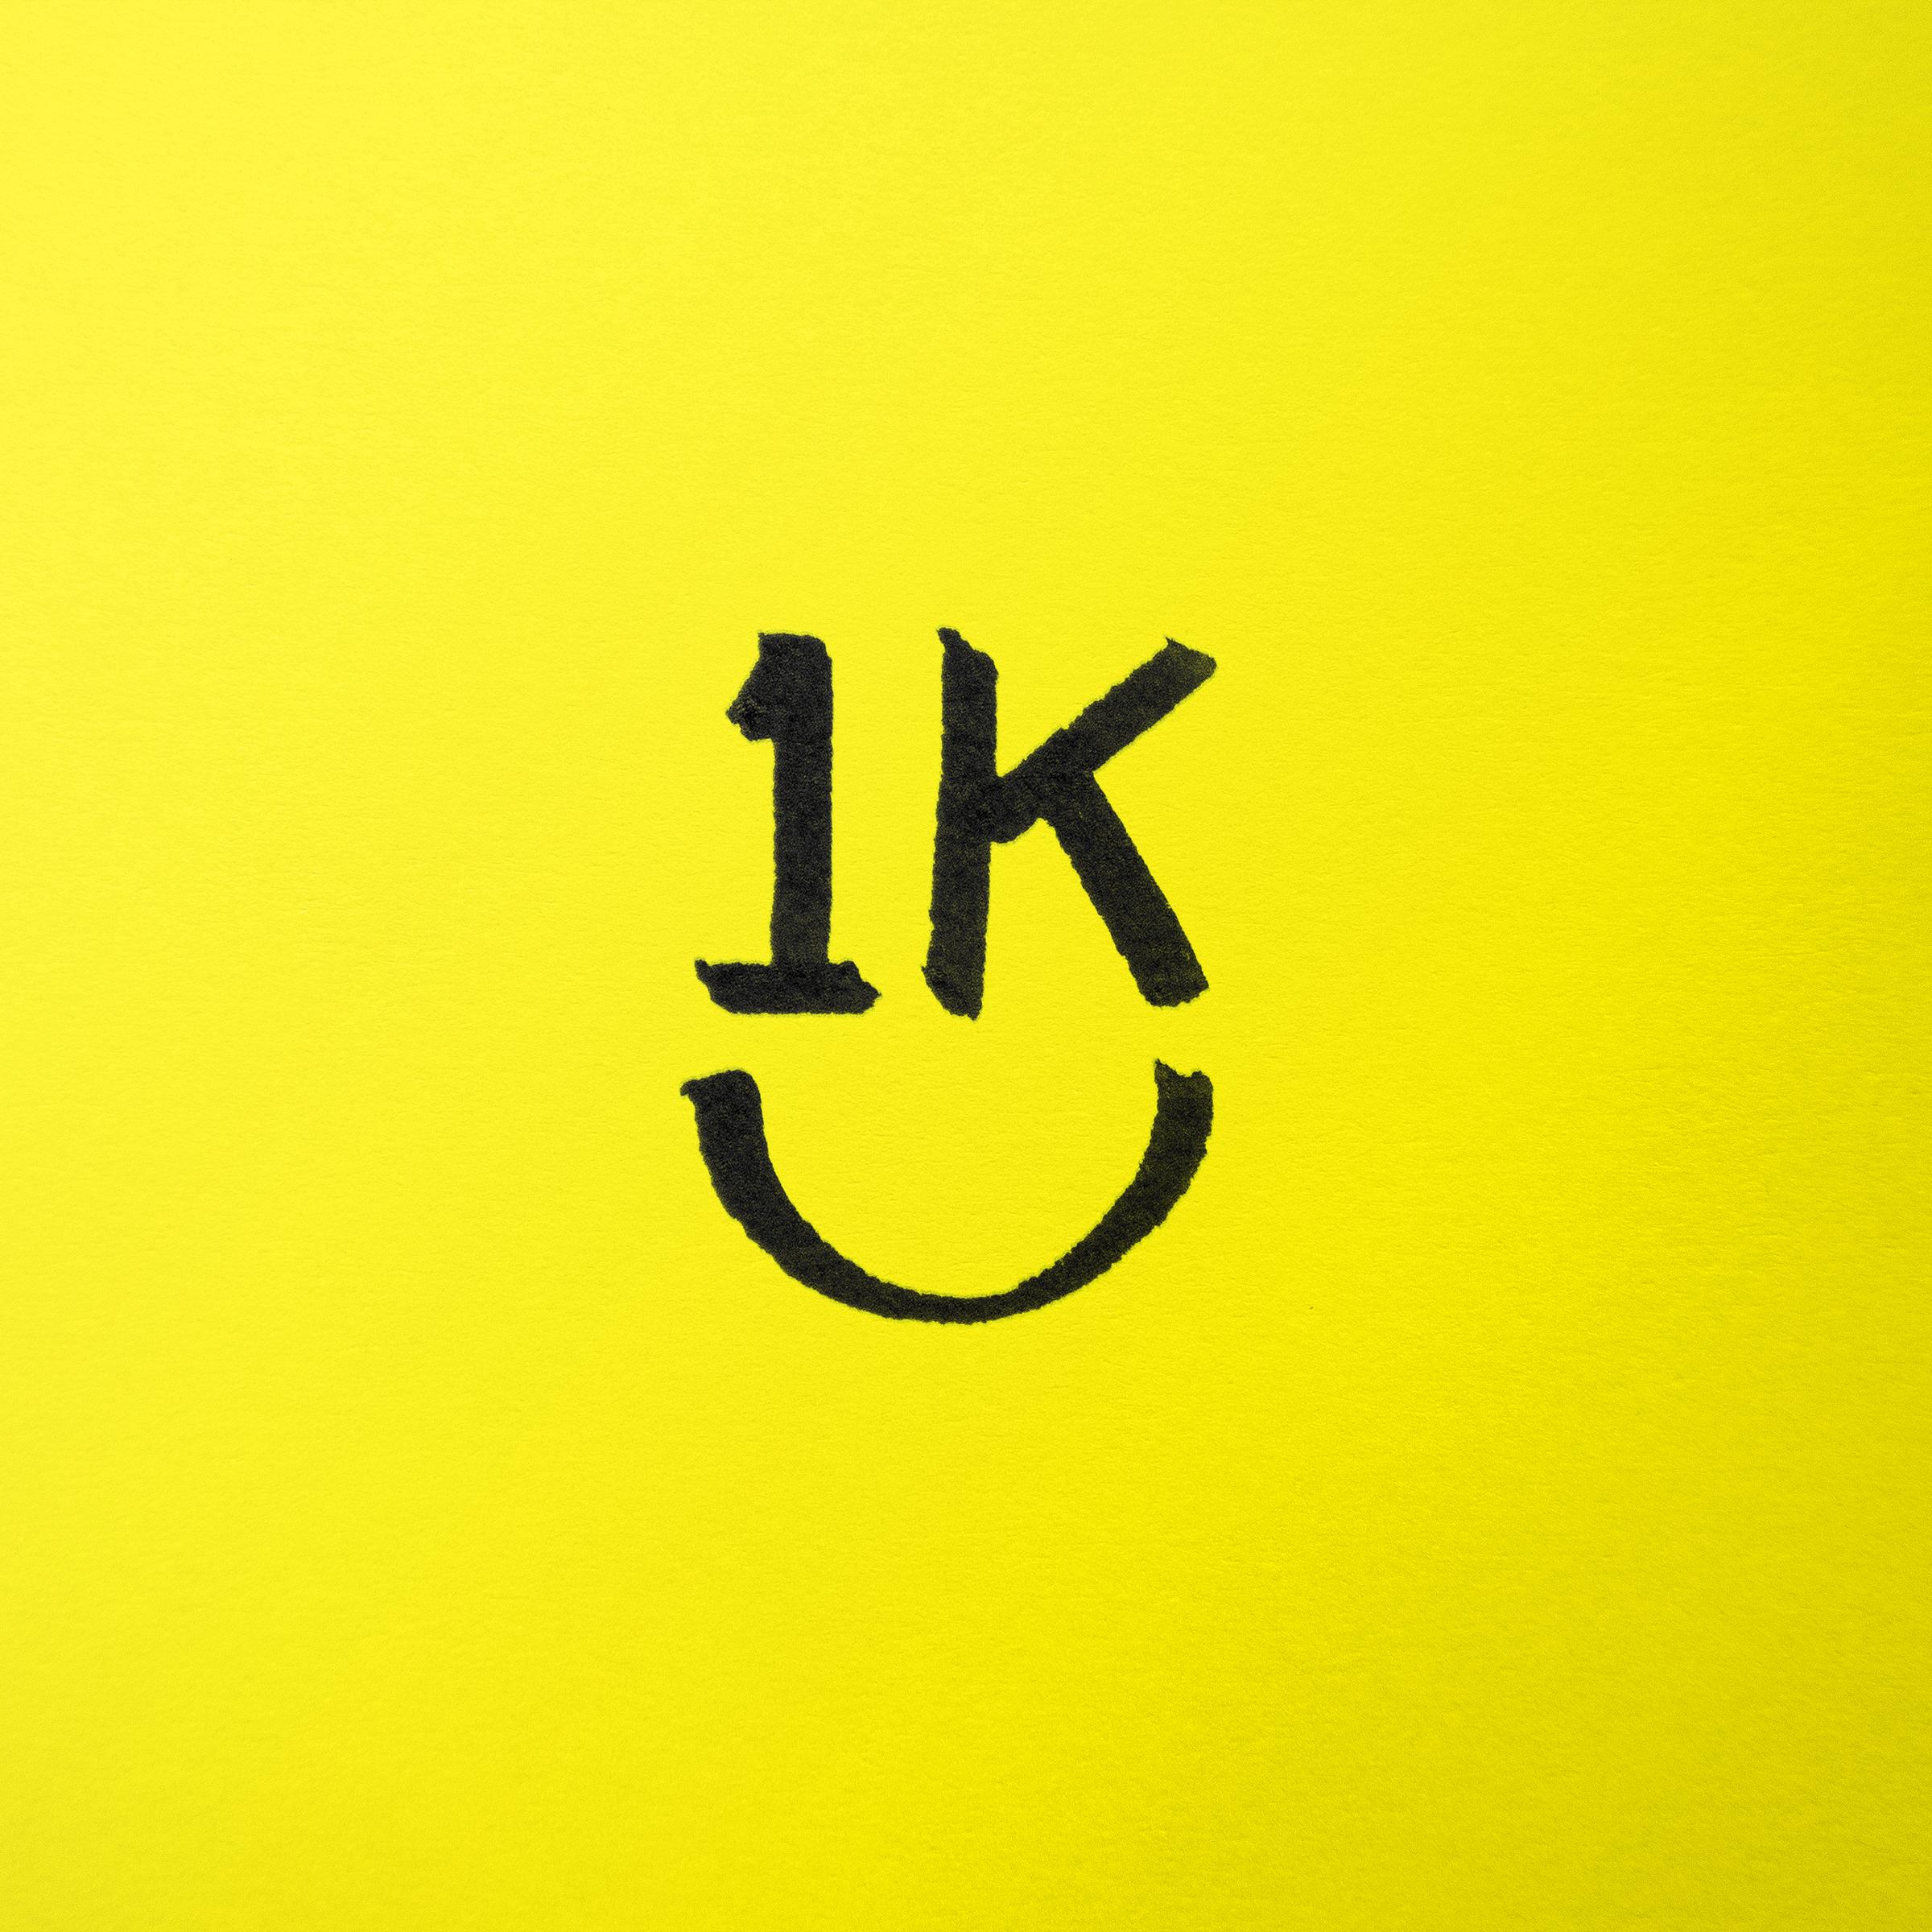 1K_Smile_Insta.png